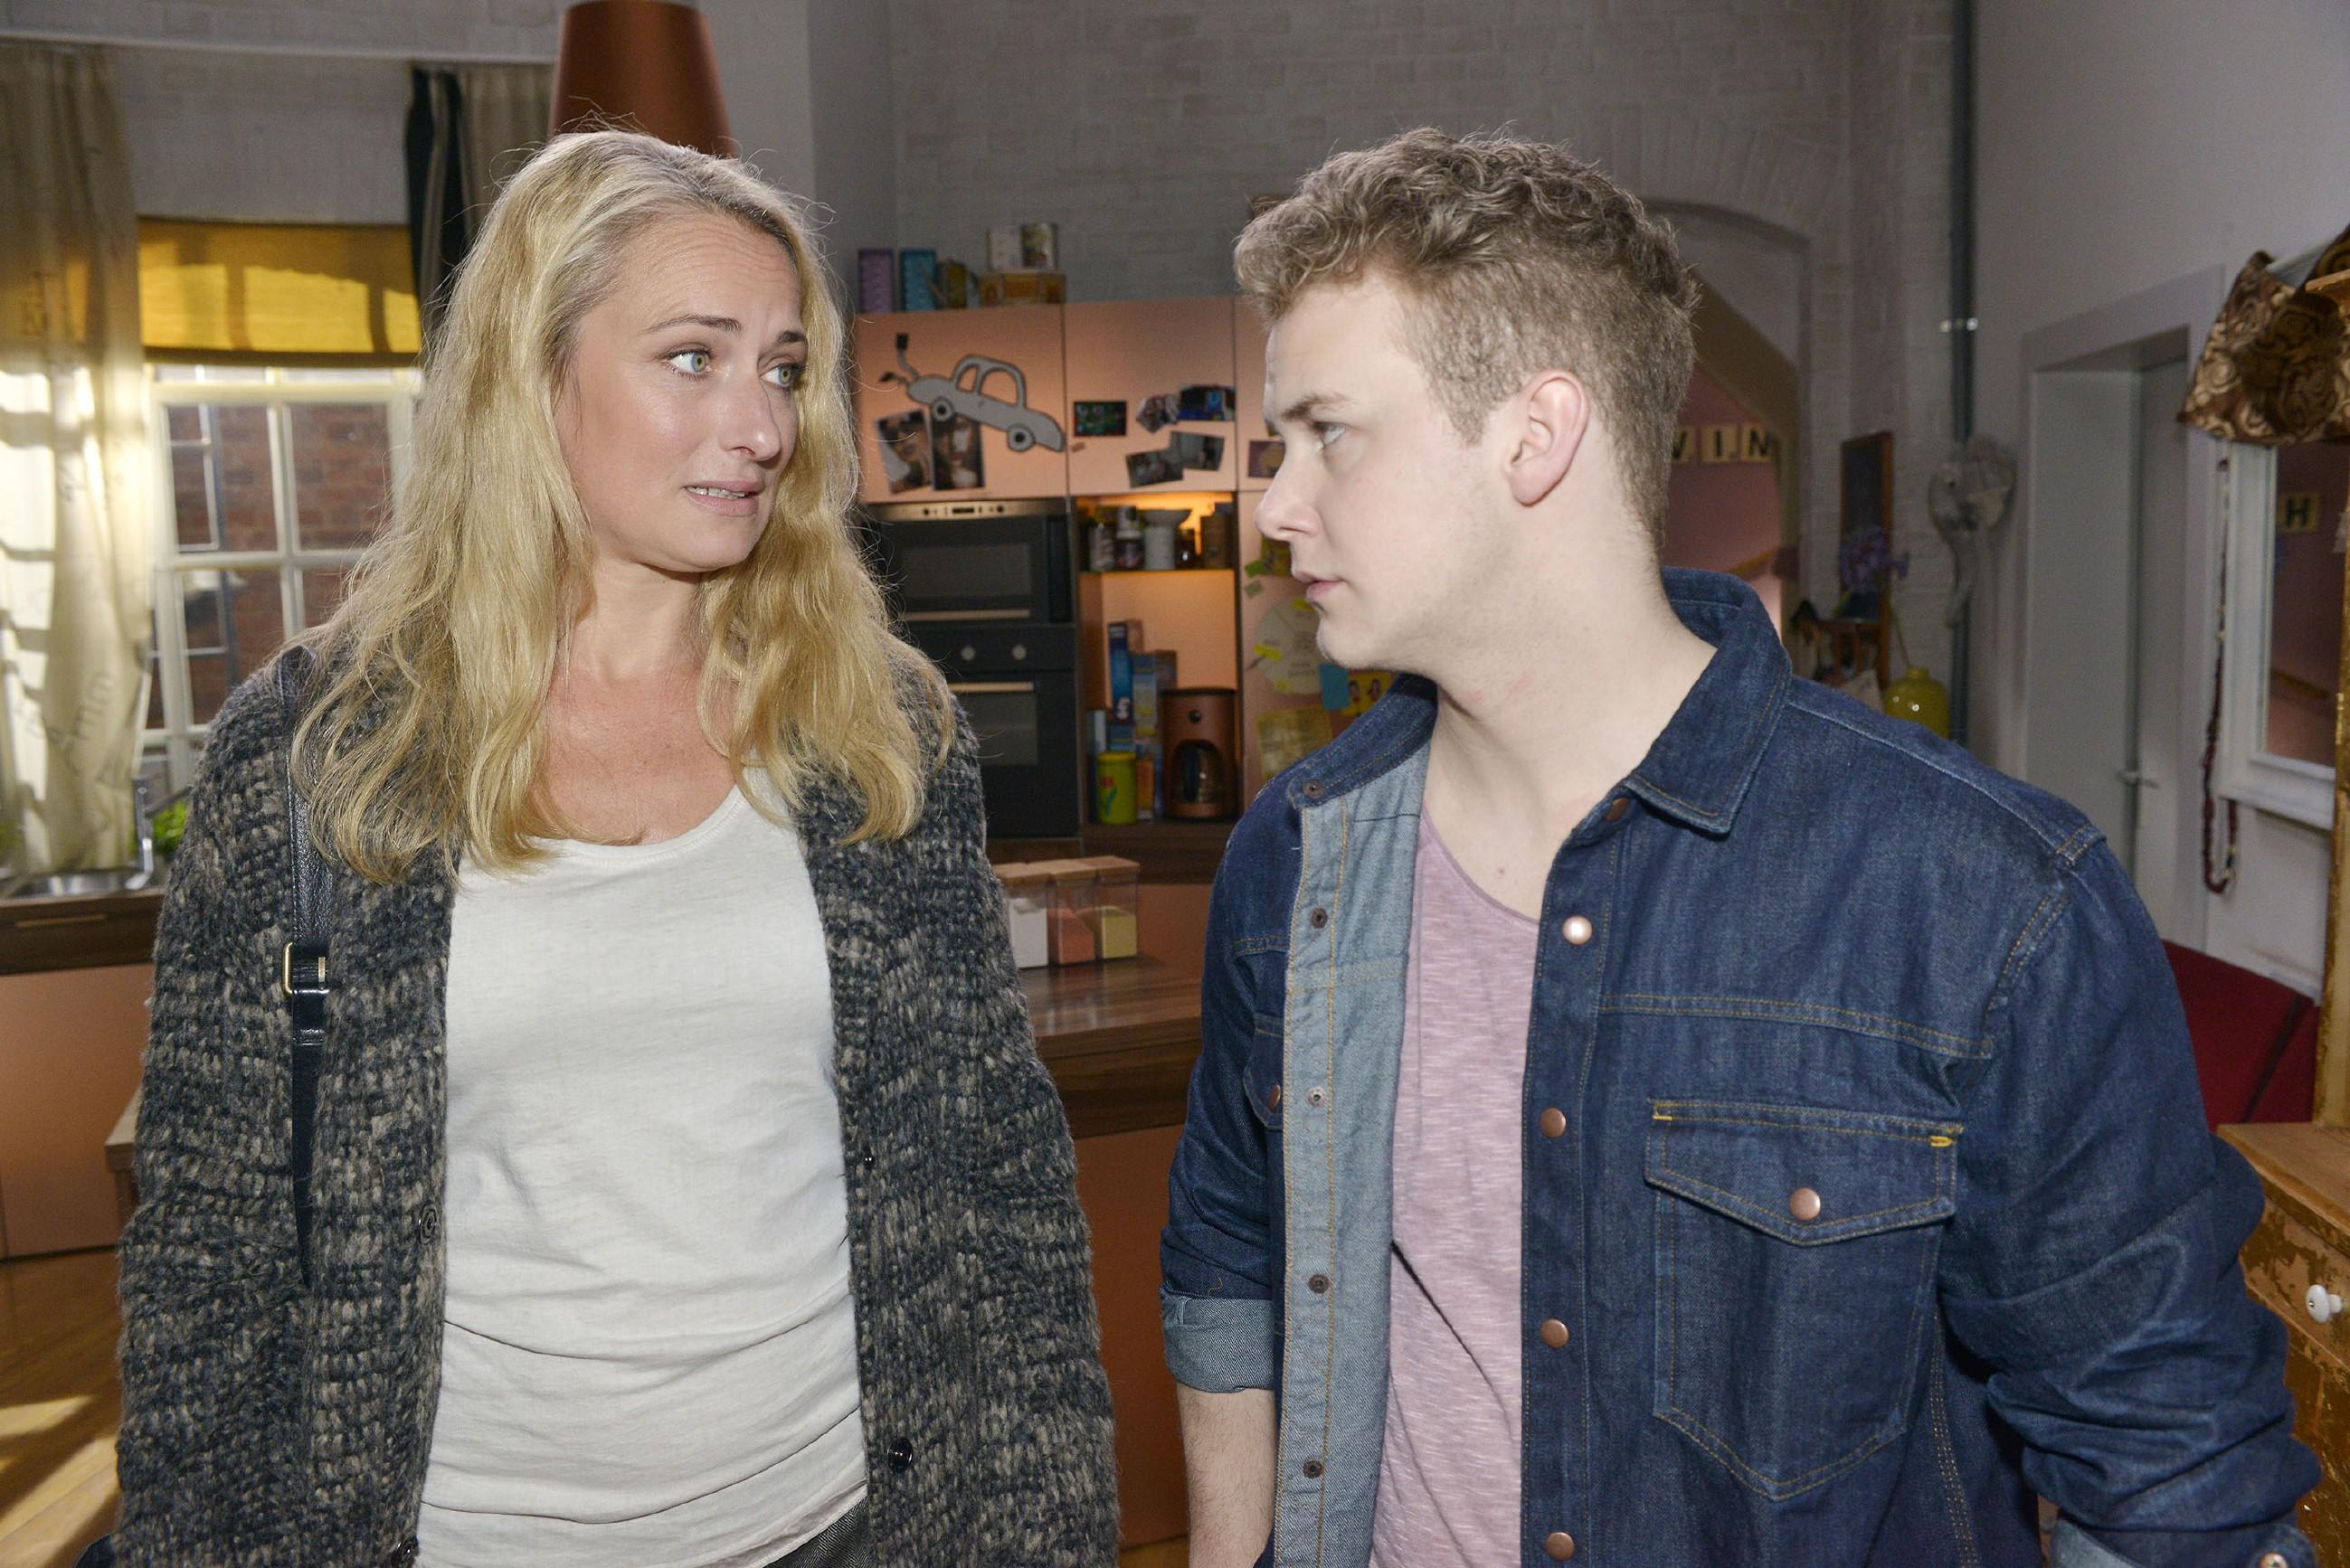 Als Maren (Eva Mona Rodekirchen) von der schriftlichen Abiturpleite erfährt, spart sie mit Vorhaltungen, zumal Jonas (Felix van Deventer) mit den mündlichen Prüfungen ausgleichen kann. Doch Jonas hat endgültig genug von der Büffelei... (Quelle: RTL / Rolf Baumgartner)